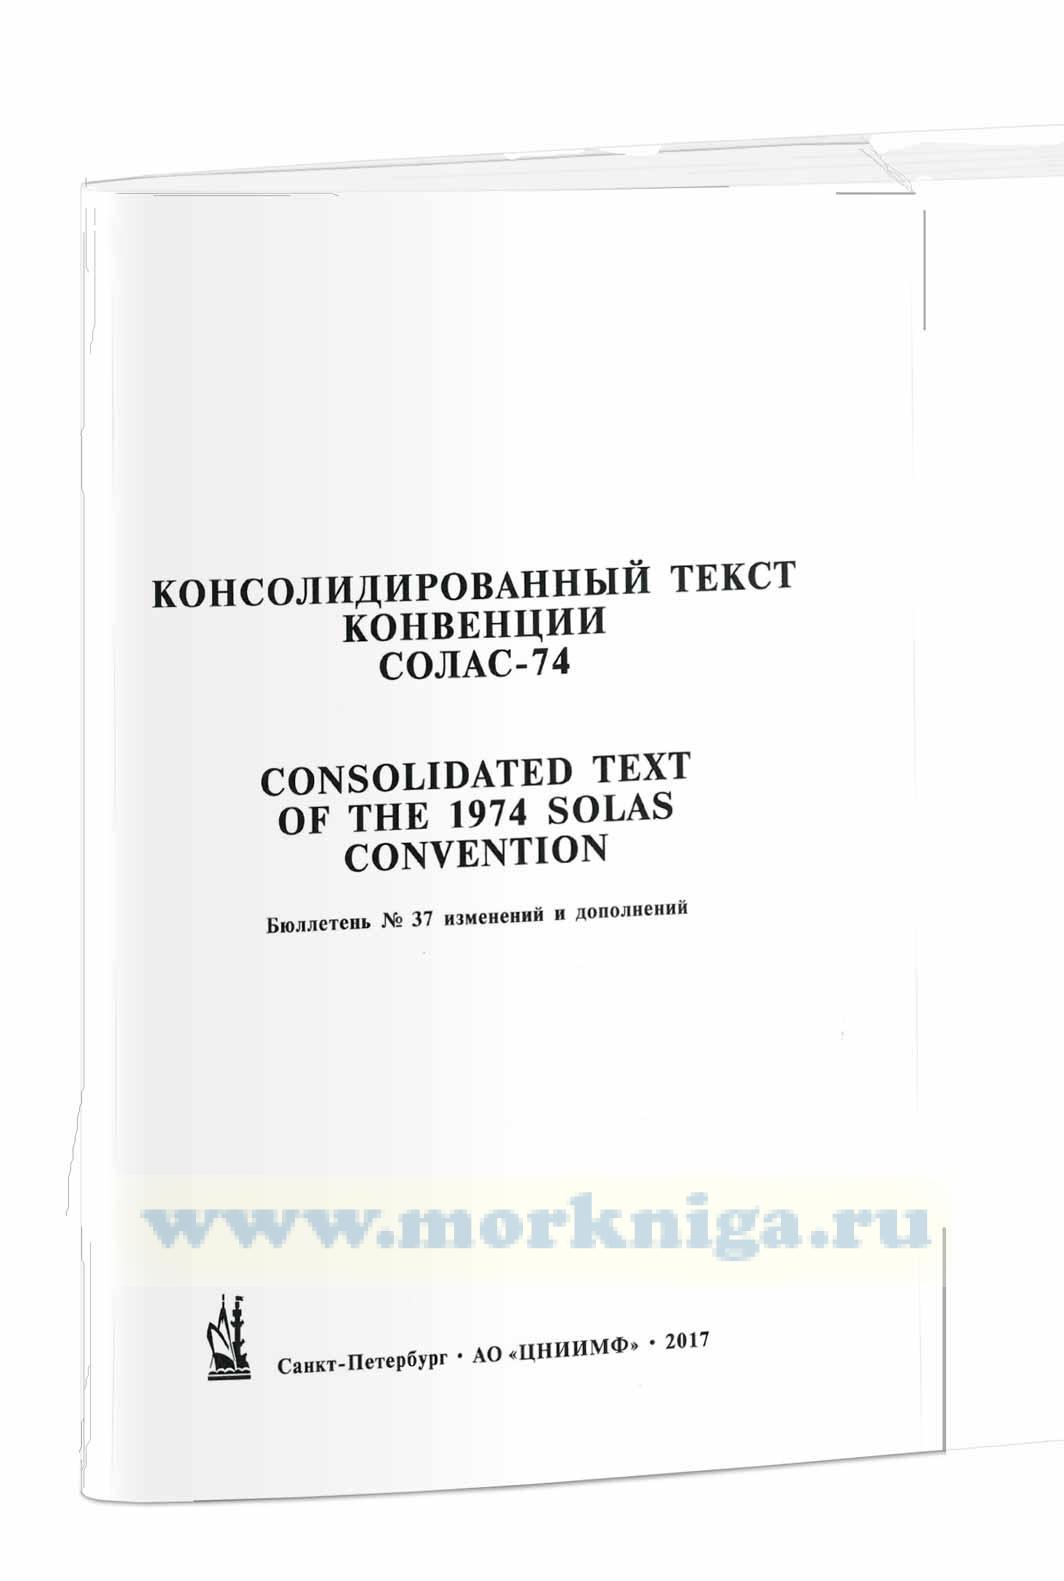 Бюллетень № 37 изменений и дополнений к Консолидированному тексту МК СОЛАС - 74